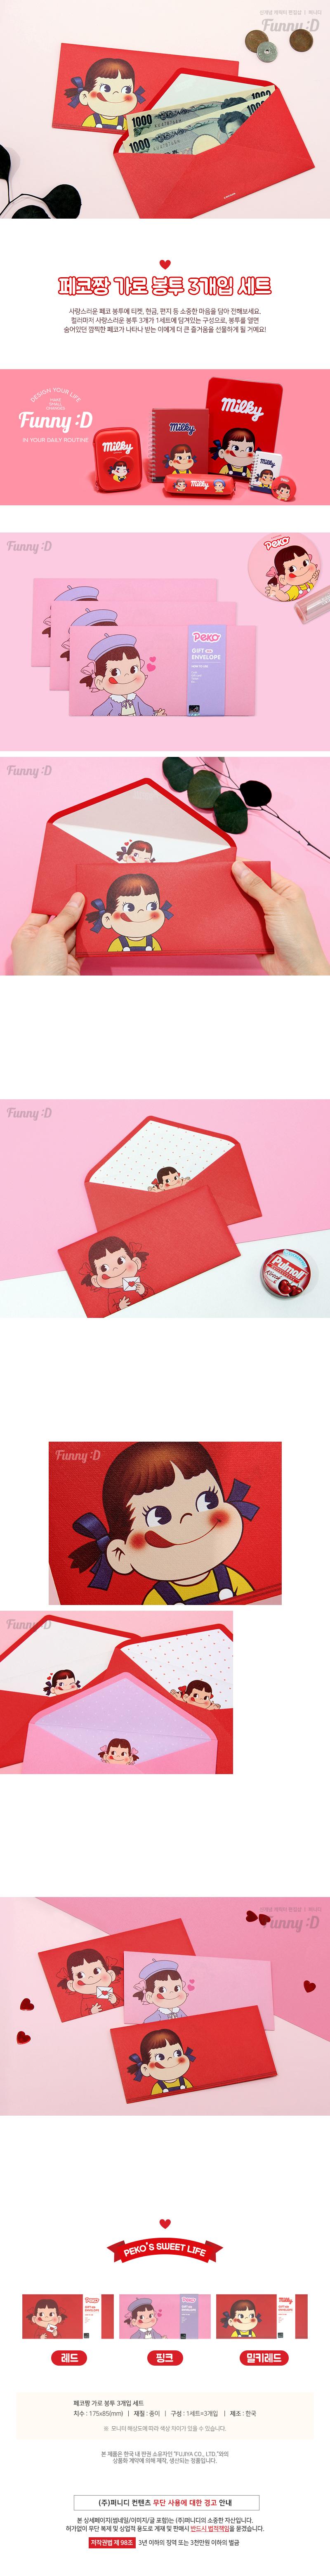 페코 가로 봉투 3개입 세트 - 슈퍼8비트, 1,500원, 편지봉투, 가로봉투